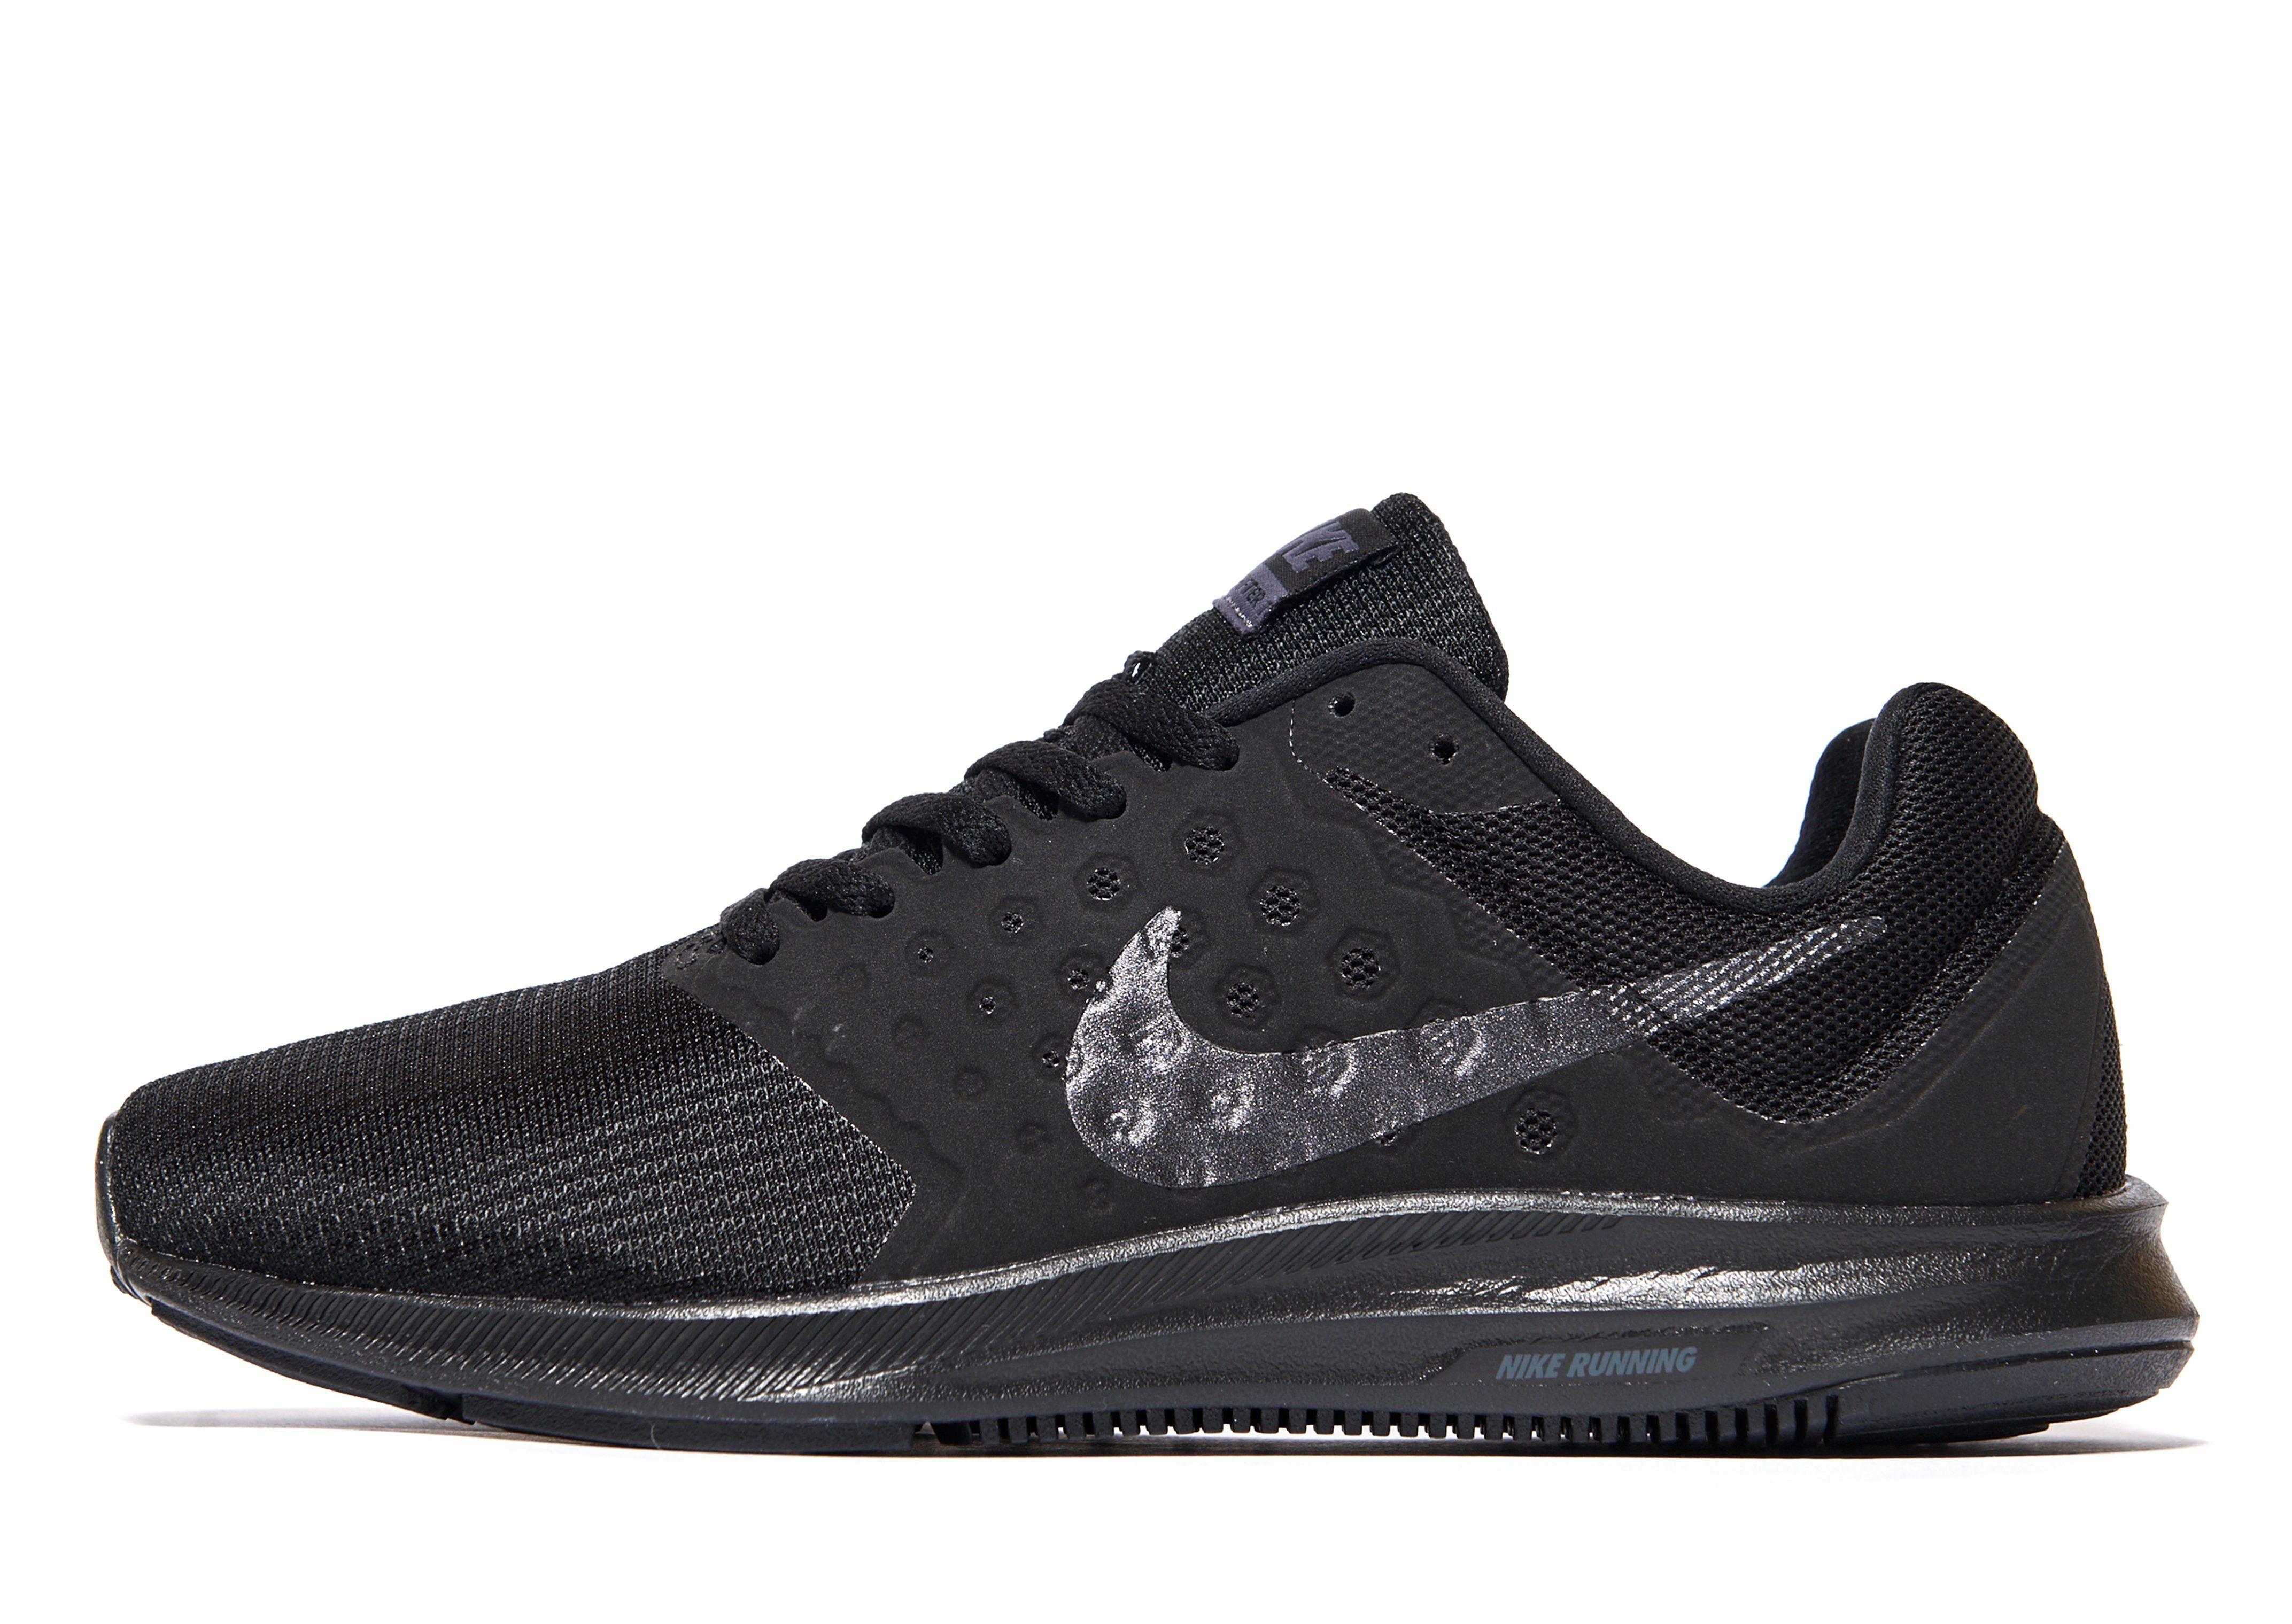 Nike - Wmns Downshifter 8 - Downshifter Femmes 8kyYR